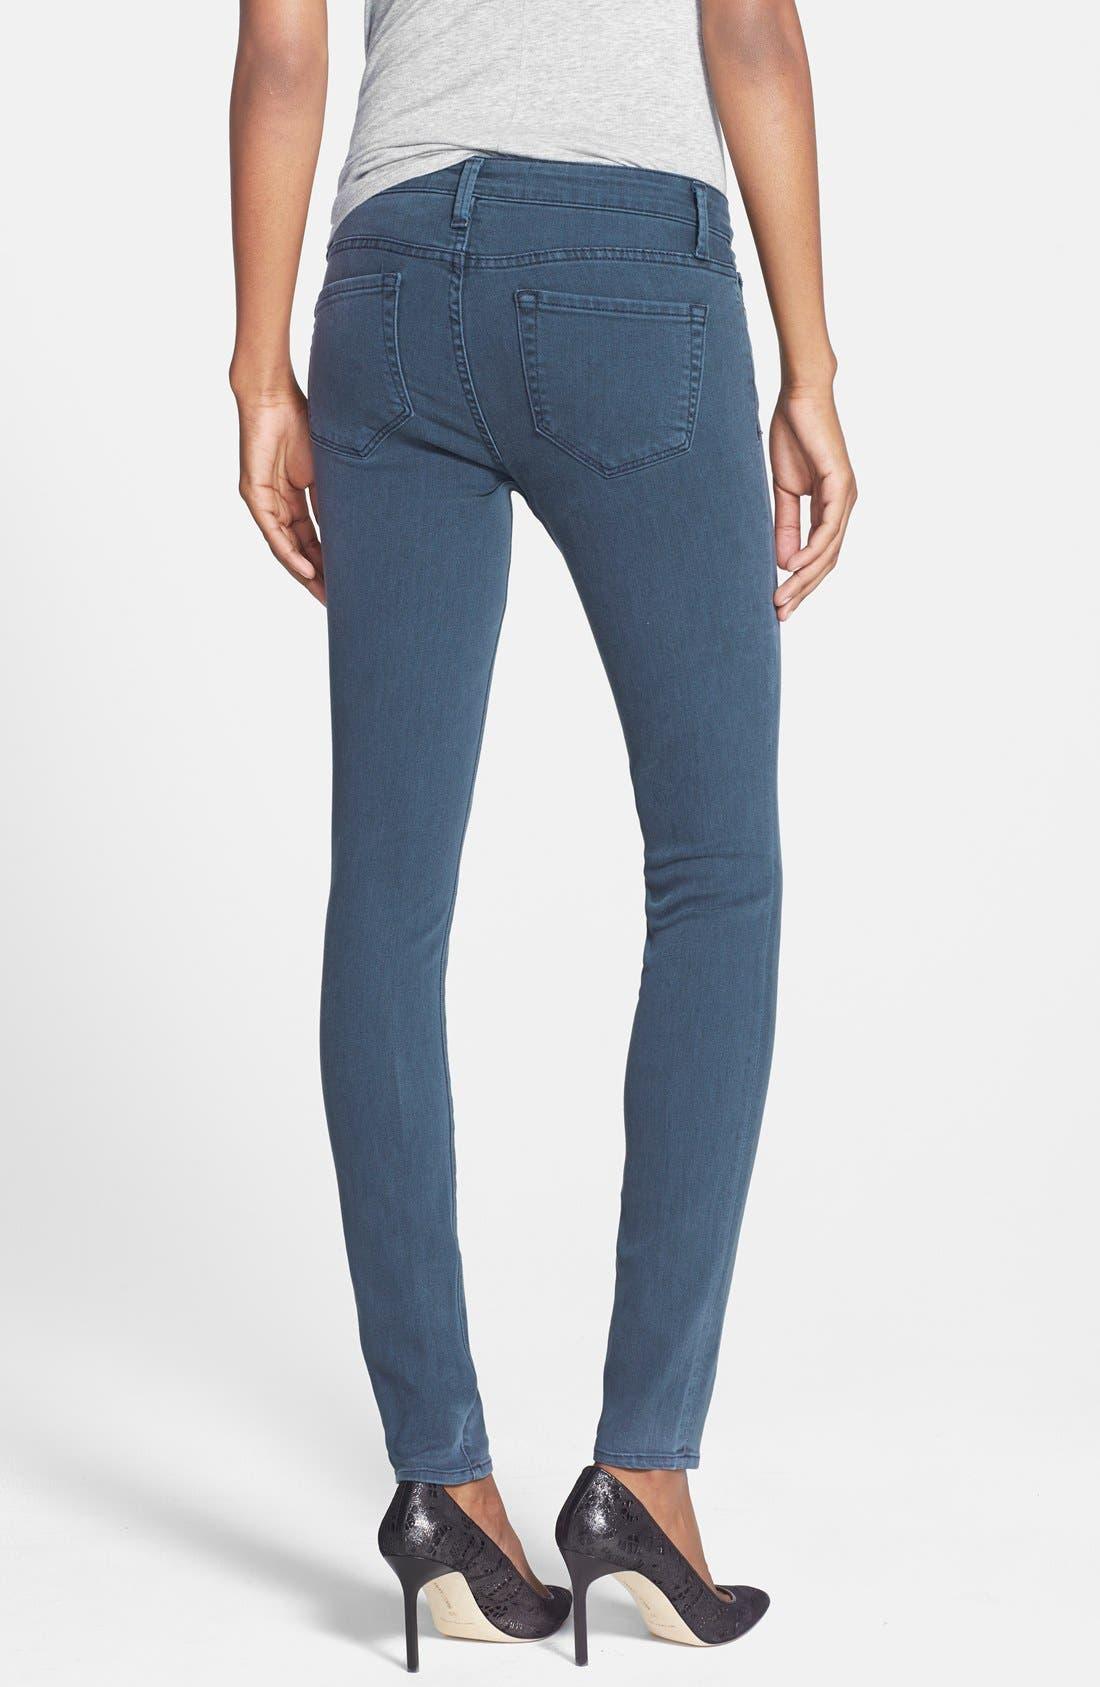 Alternate Image 2  - Velvet by Graham & Spencer Low Rise Skinny Jeans (Petrol)